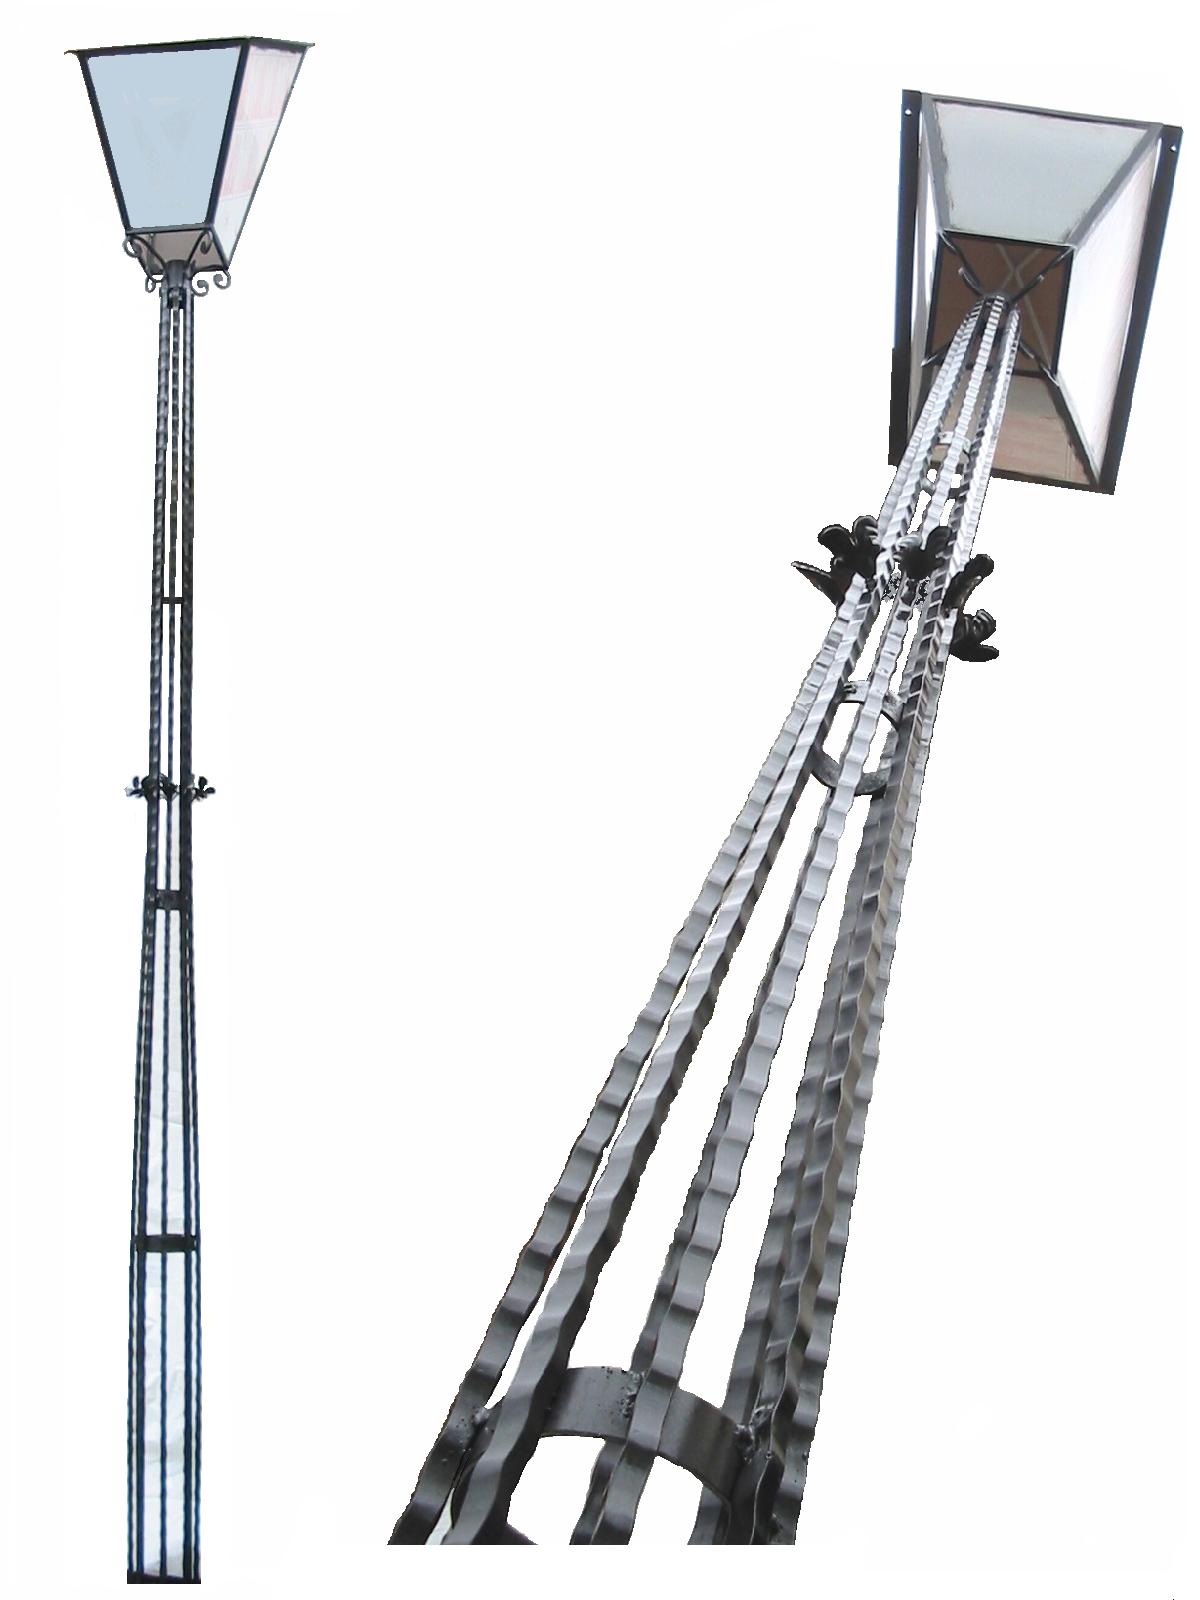 Lampioni Per Arredo Urbano.Risorse Solari Pannelli Fotovoltaici Solare Termico Arredo Urbano Varese